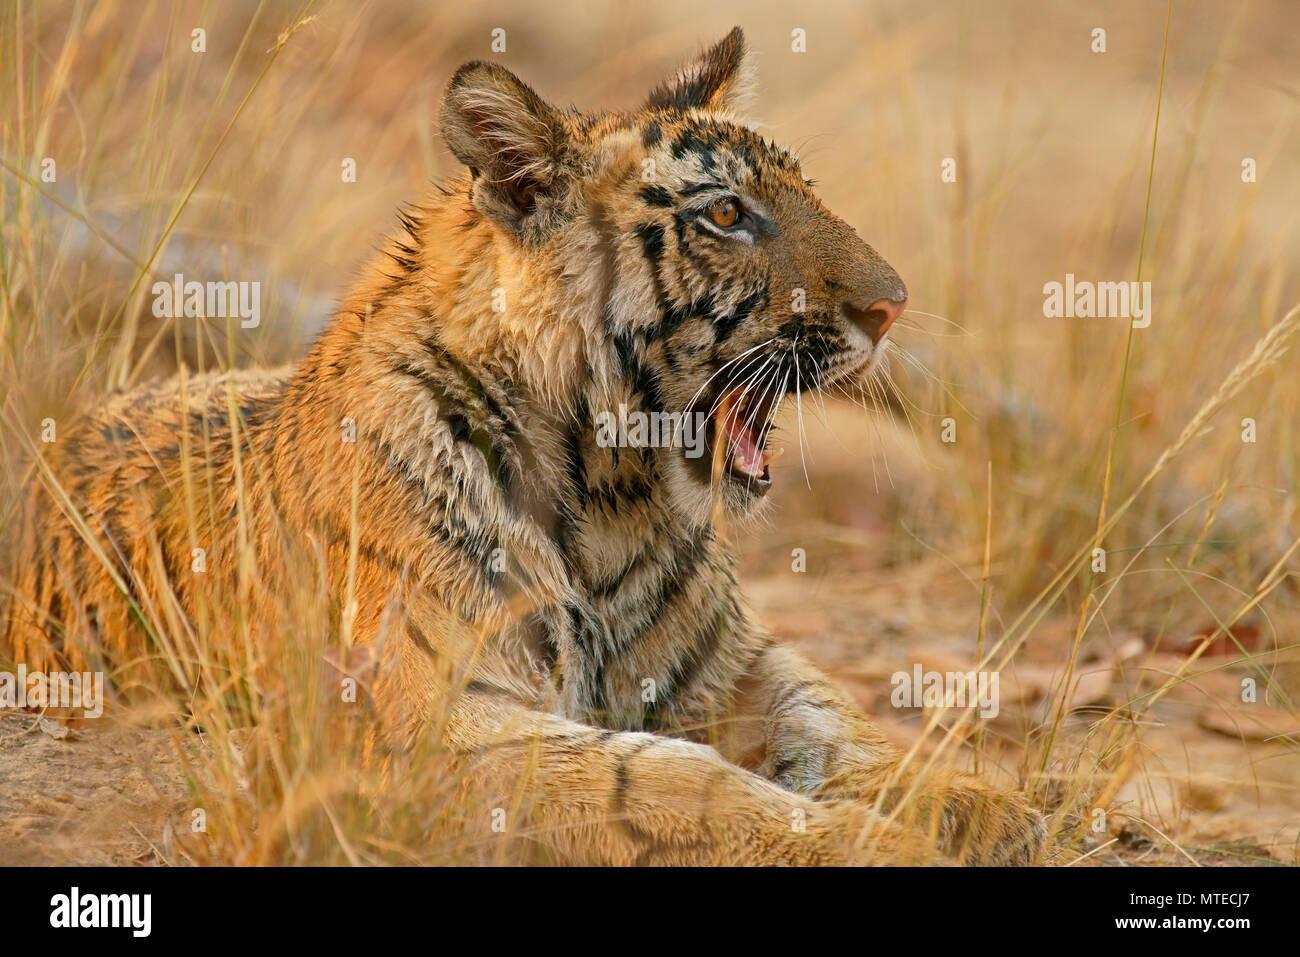 Bengal tiger (Panthera tigris tigris), young yawning, animal portrait, Bandhavgarh National Park, Madhya Pradesh, India - Stock Image